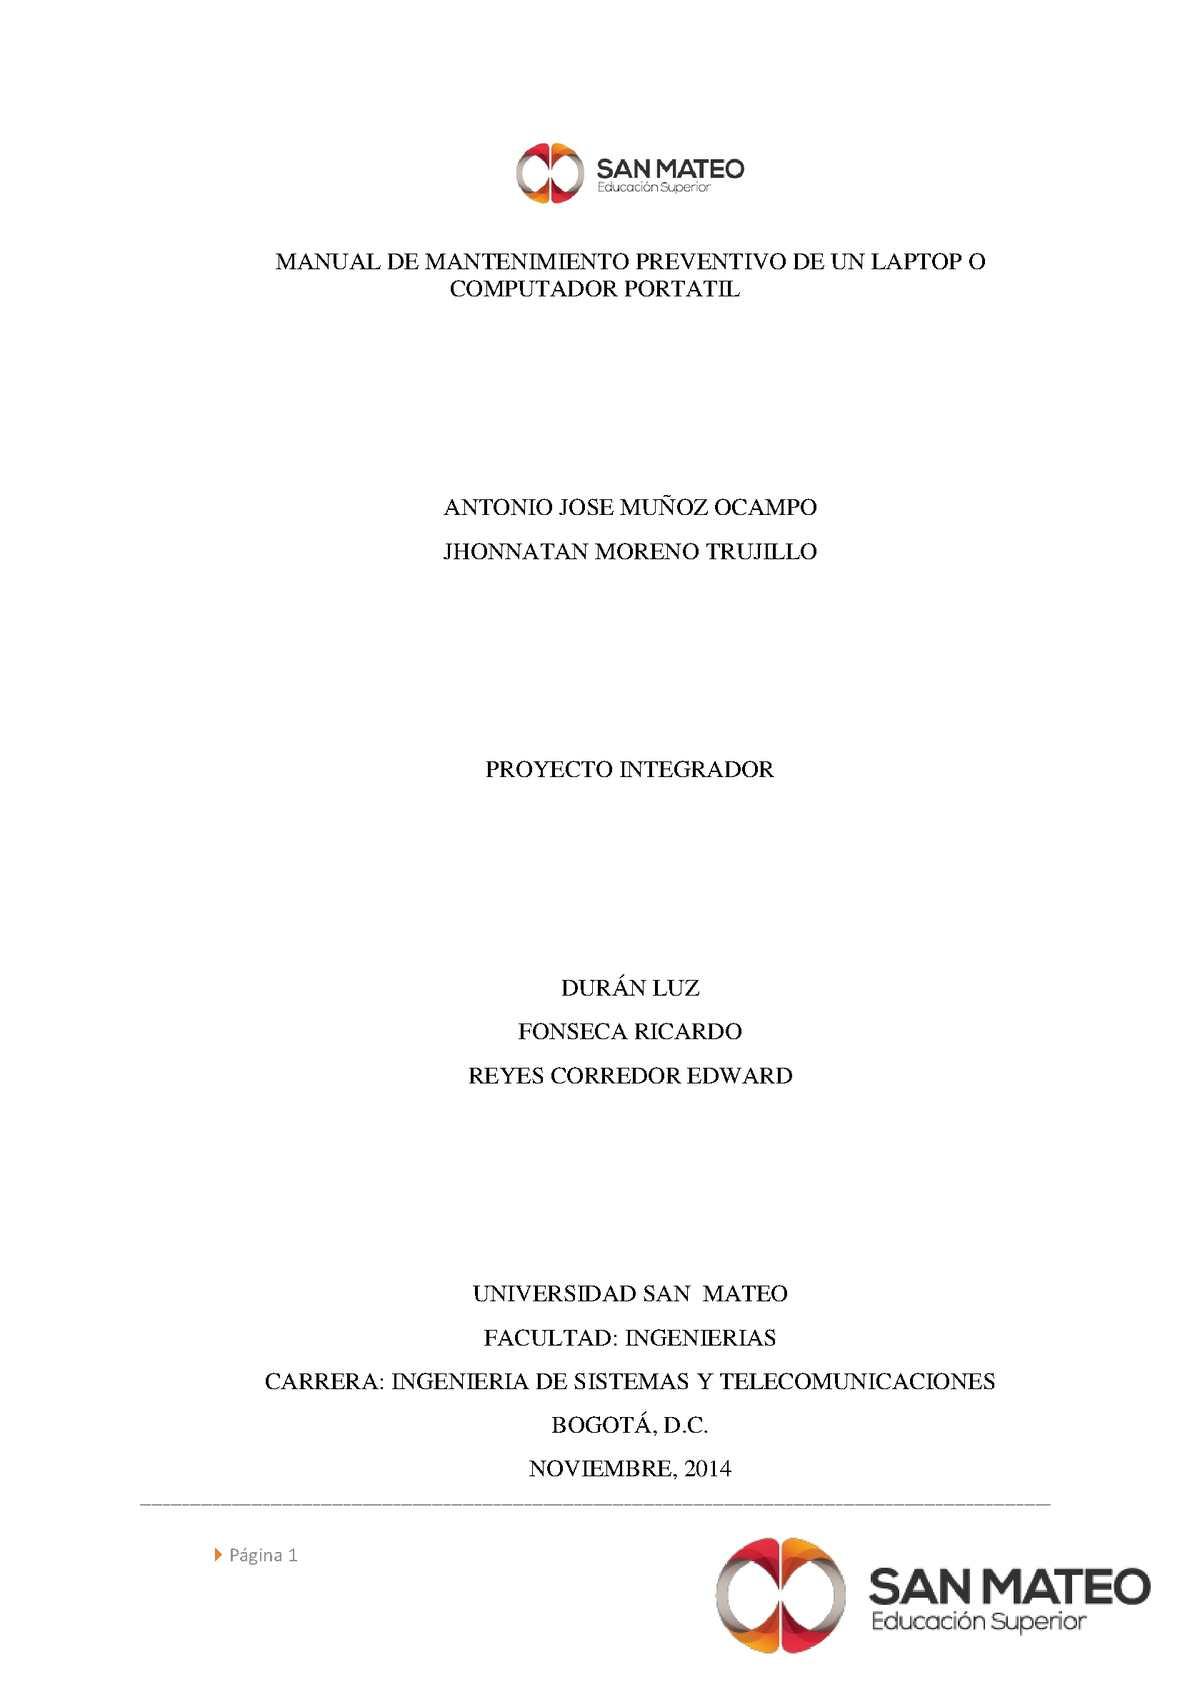 manual de mantenimiento preventivo de un laptop calameo downloader rh calameo download manual de mantenimiento preventivo y correctivo manual de mantenimiento preventivo para plc